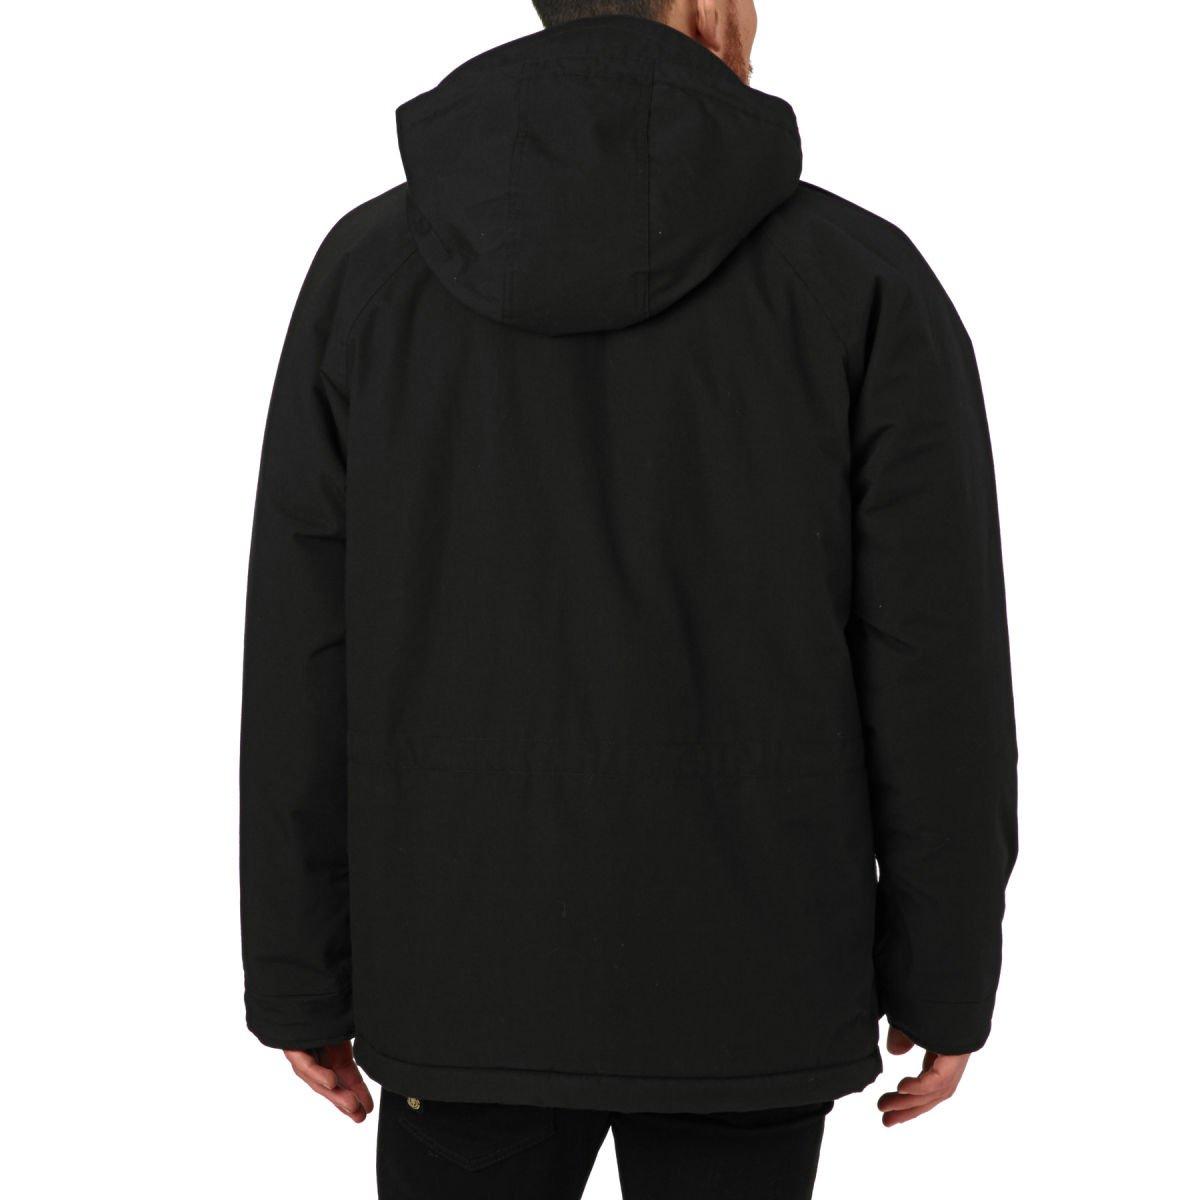 Carhartt Mentley Jacket, Chaqueta para Hombre: Amazon.es: Ropa y accesorios